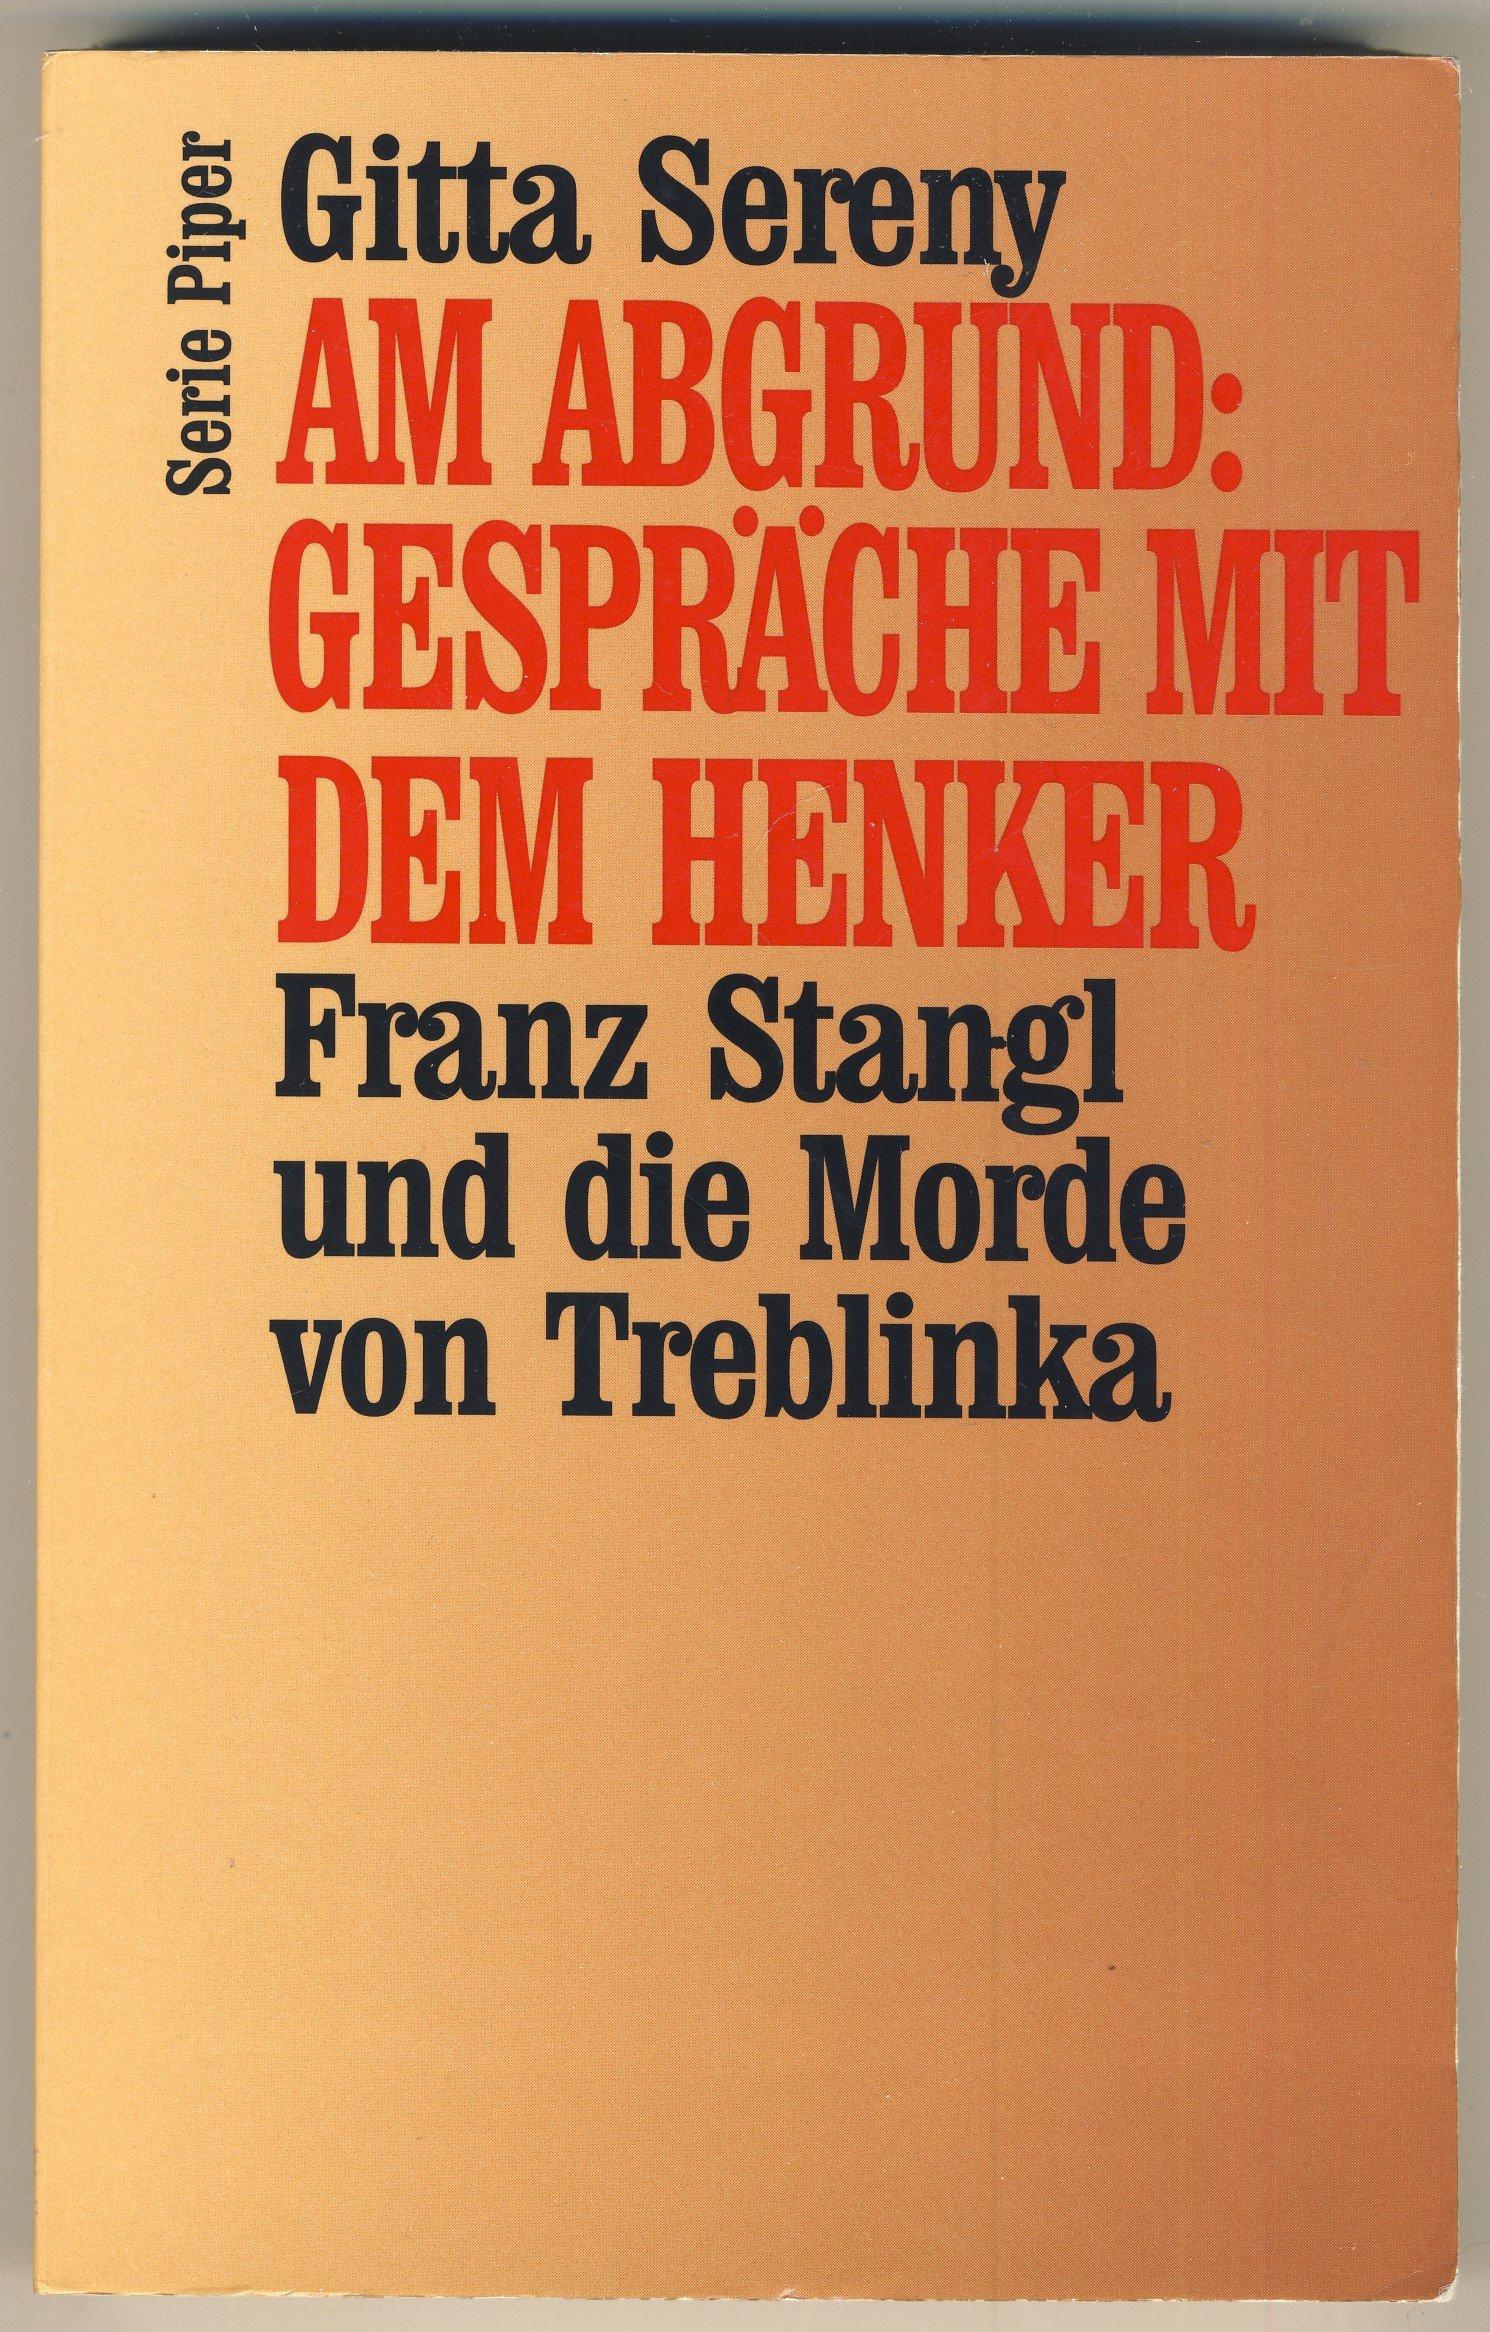 Am Abgrund: Gespräche mit dem Henker. Franz Stangl und die Morde von Treblinka